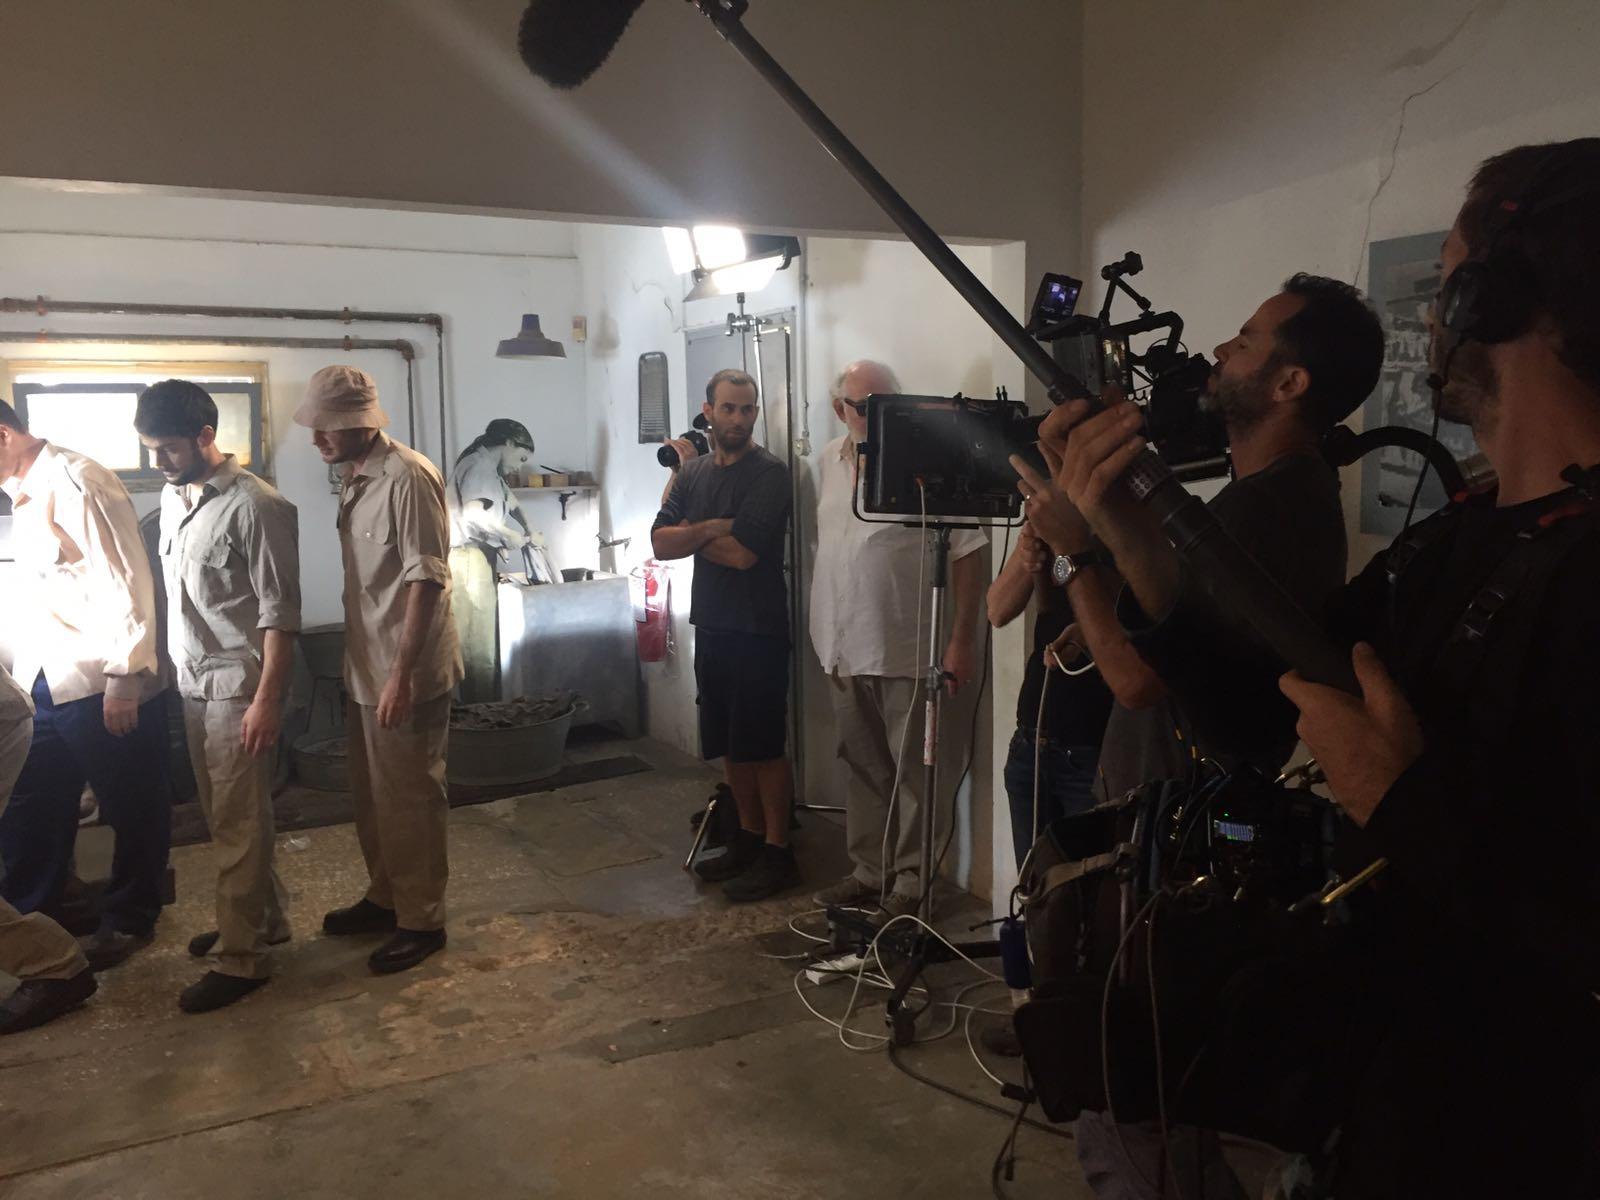 Israel shoot 2017 actors down in factory.jpg